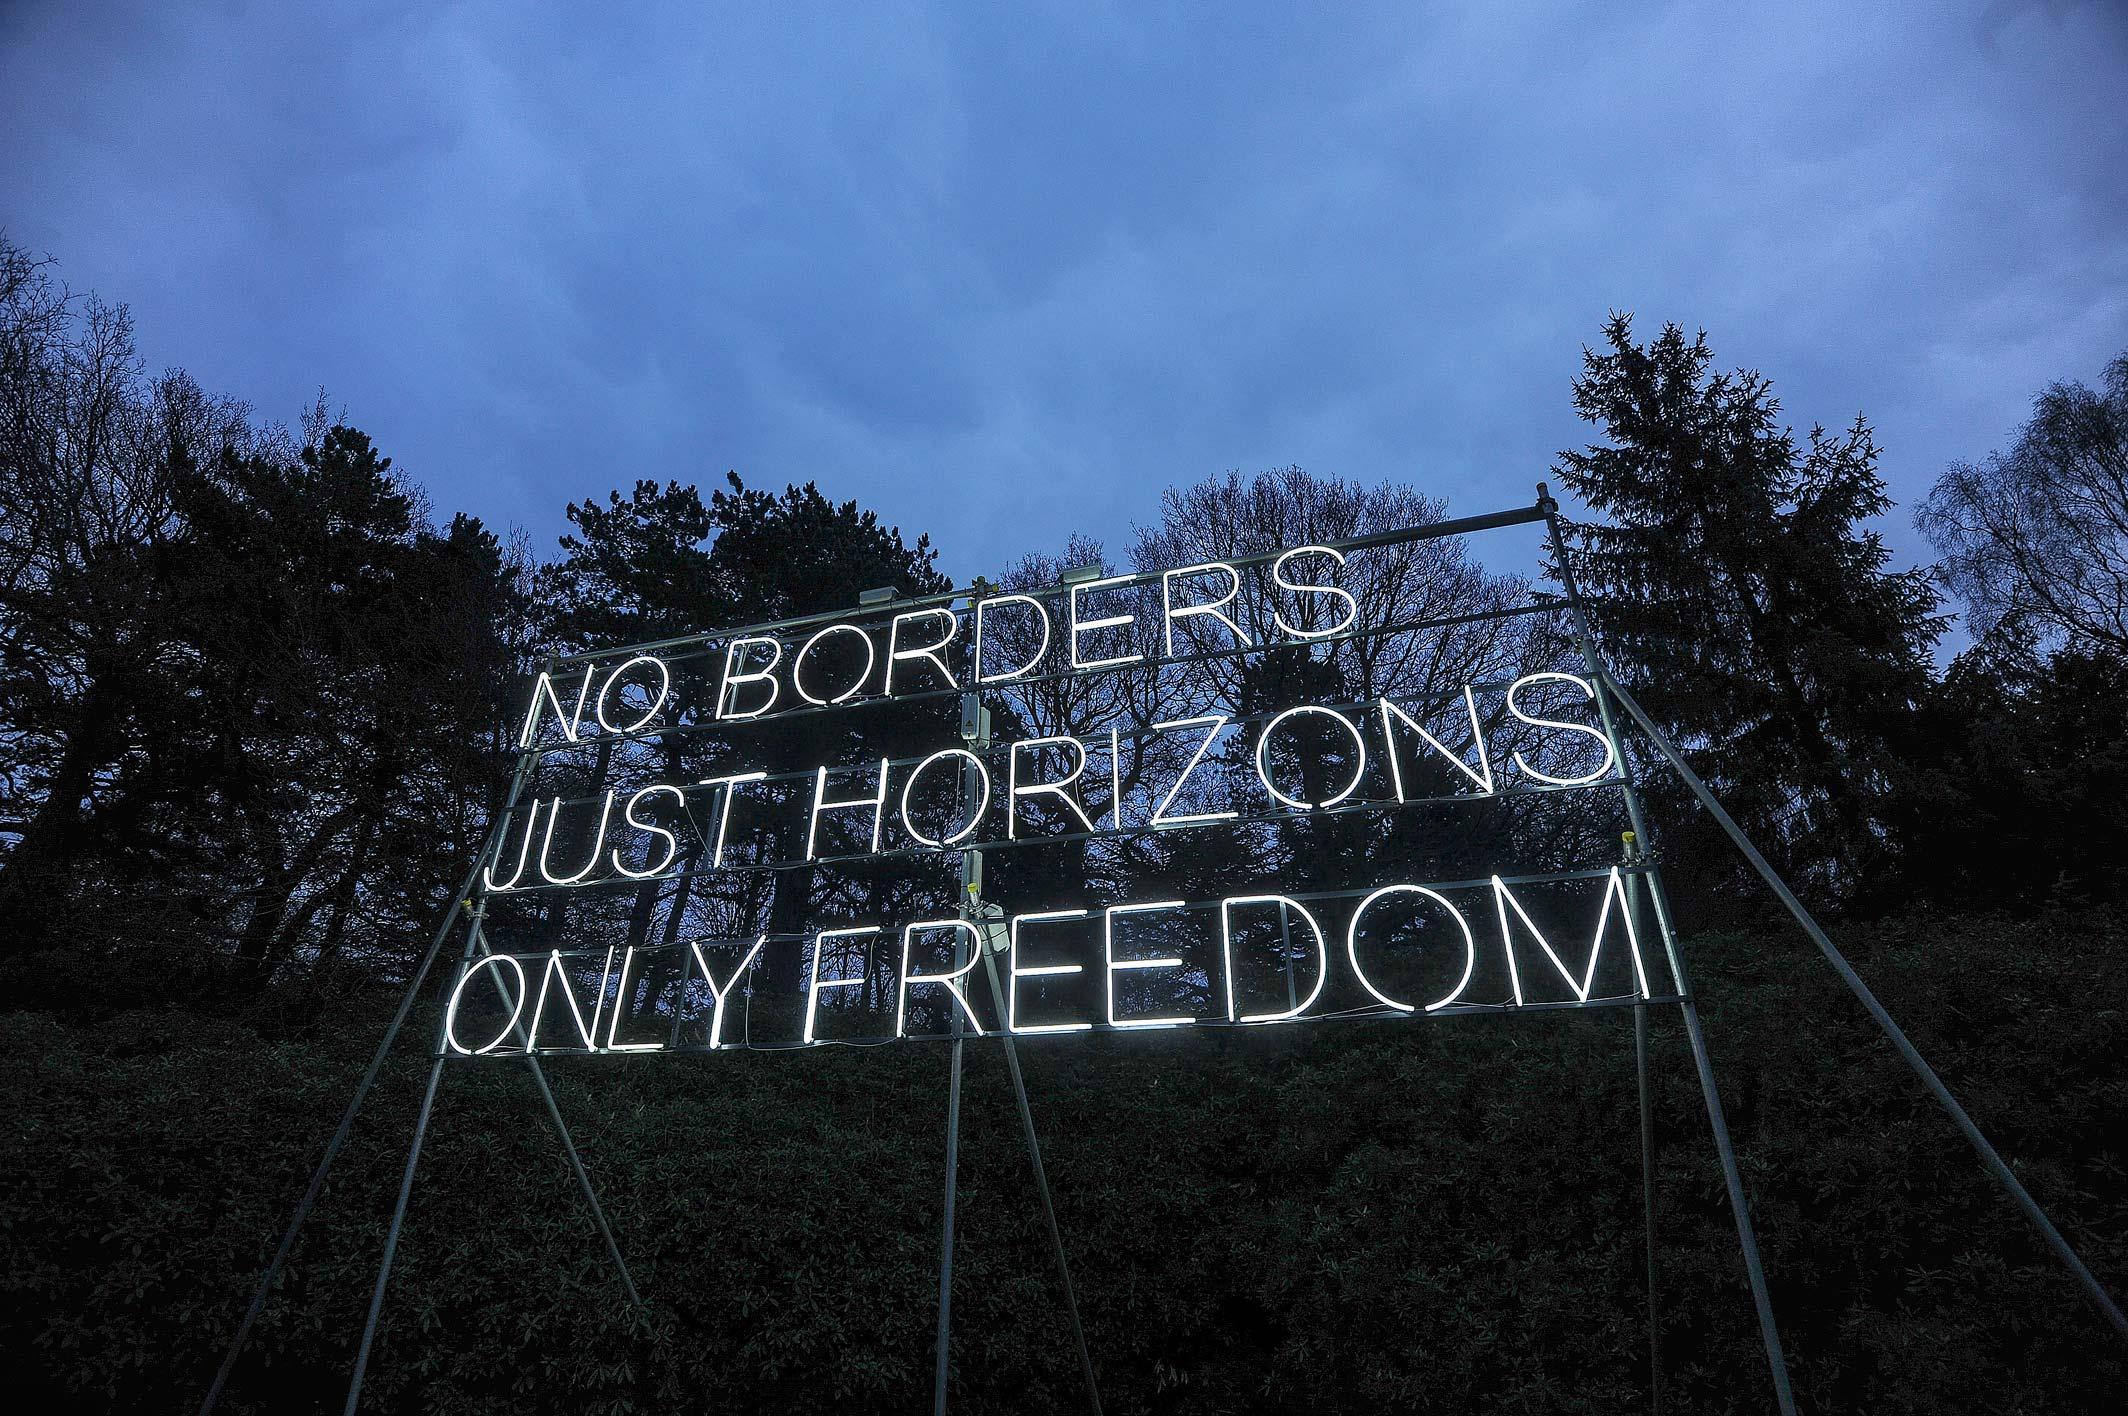 Ο Θανάσης Κ. θεωρεί τρέλα, οι λαθρομετανάστες να κινούνται ελεύθερα στην χώρα, όταν οι νόμιμοι κάτοικοι μένουνε σπίτι και χρειάζονται άδεια μετακίνησης. Και διερωτάται αν την ώρα που η Ευρώπη κλείνει τα σύνορα της σε ευρωπαίους πολίτες, εμείς έχουμε ακόμα ανοικτά σύνορα (no borders) σε λαθρομετανάστες. new deal